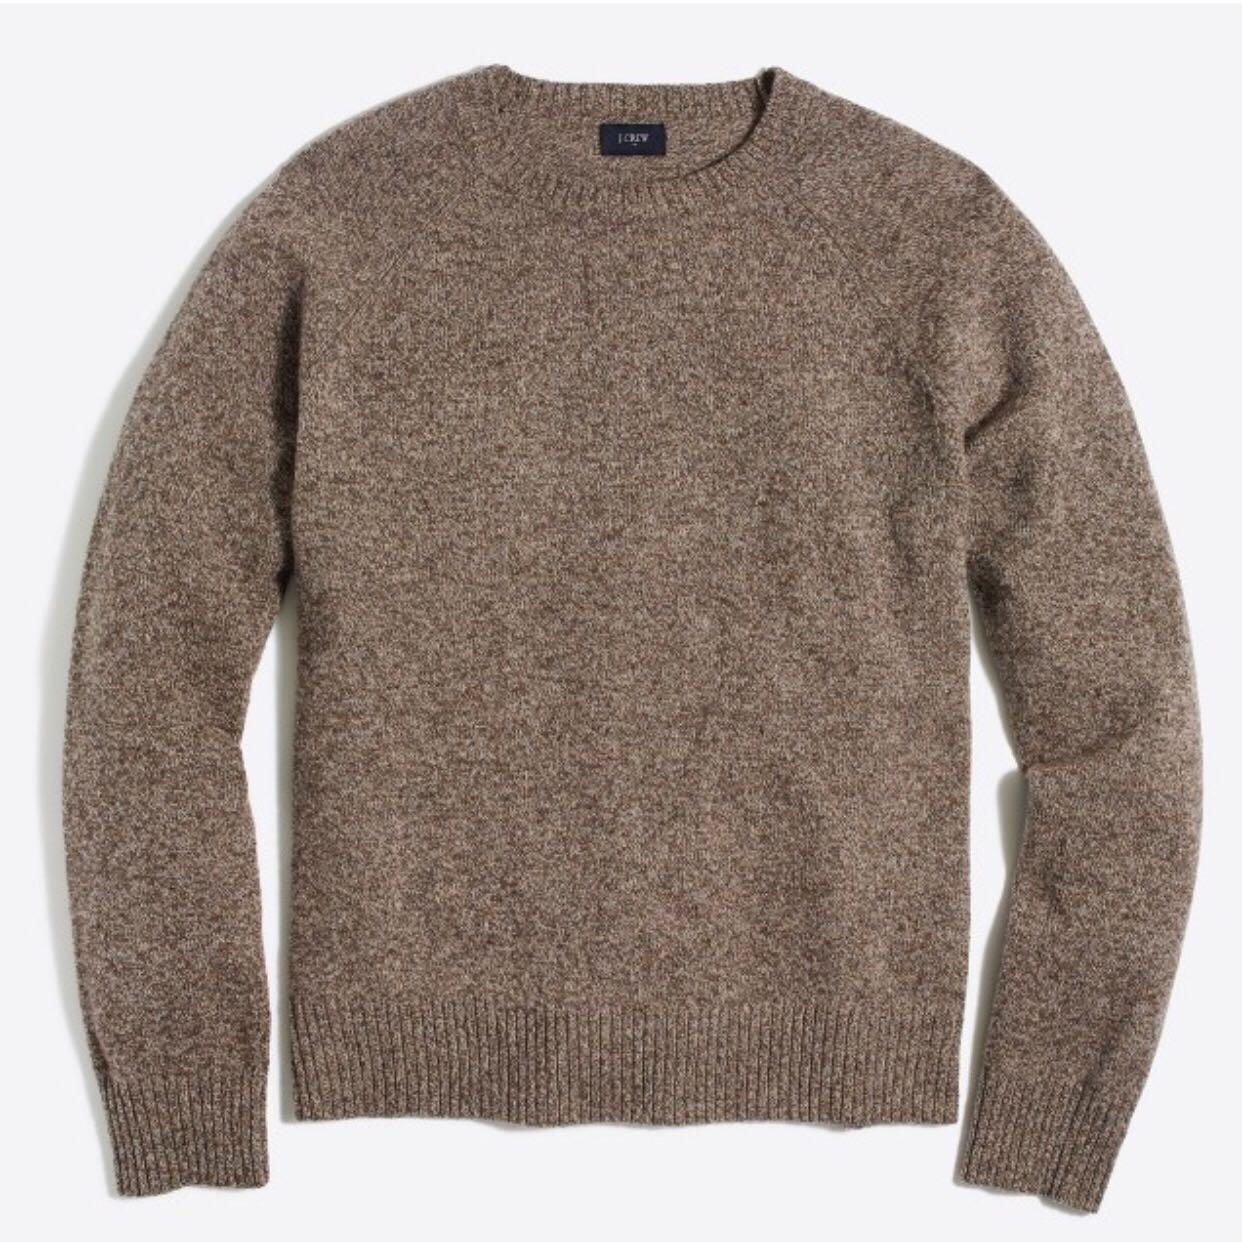 现 年后发 / Men's款 折 J*crew好质感圆领基础款毛衣 多色